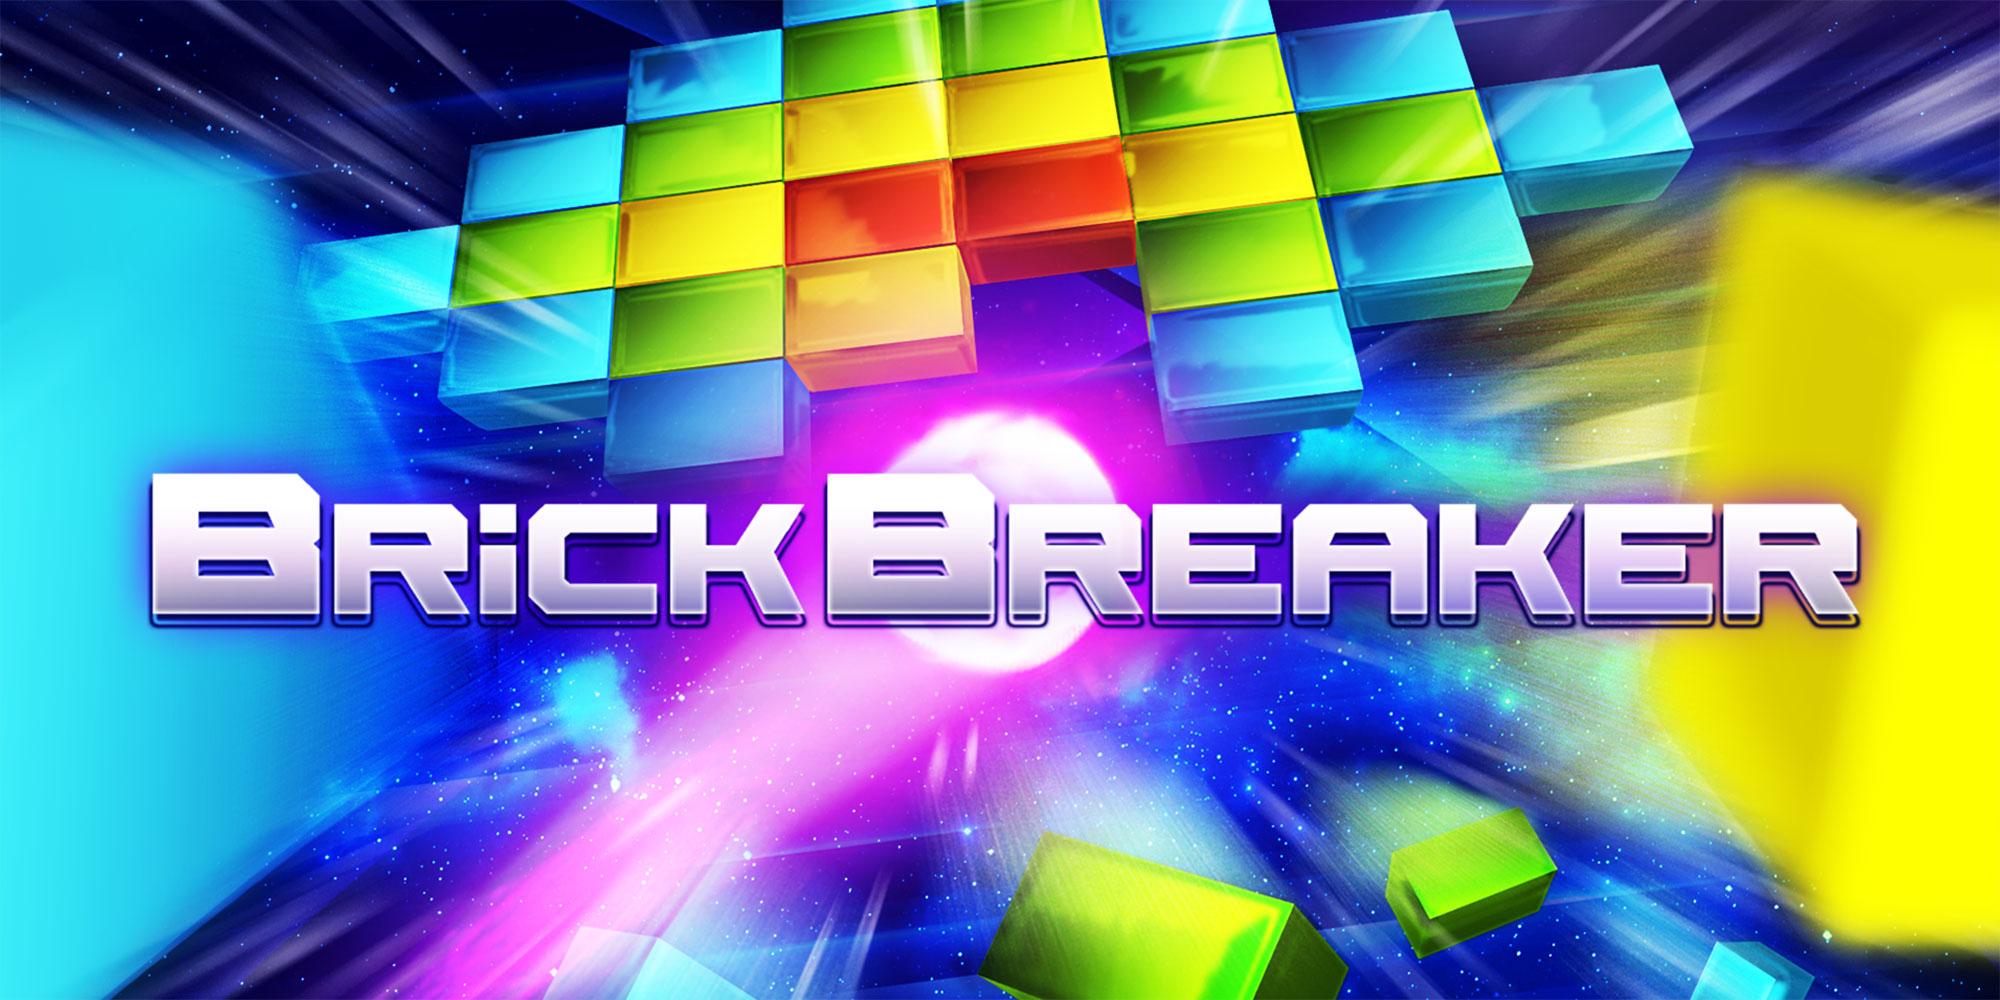 Brick Breaker | Jeux À Télécharger Sur Nintendo Switch destiné Jeu De Casse Brique Gratuit